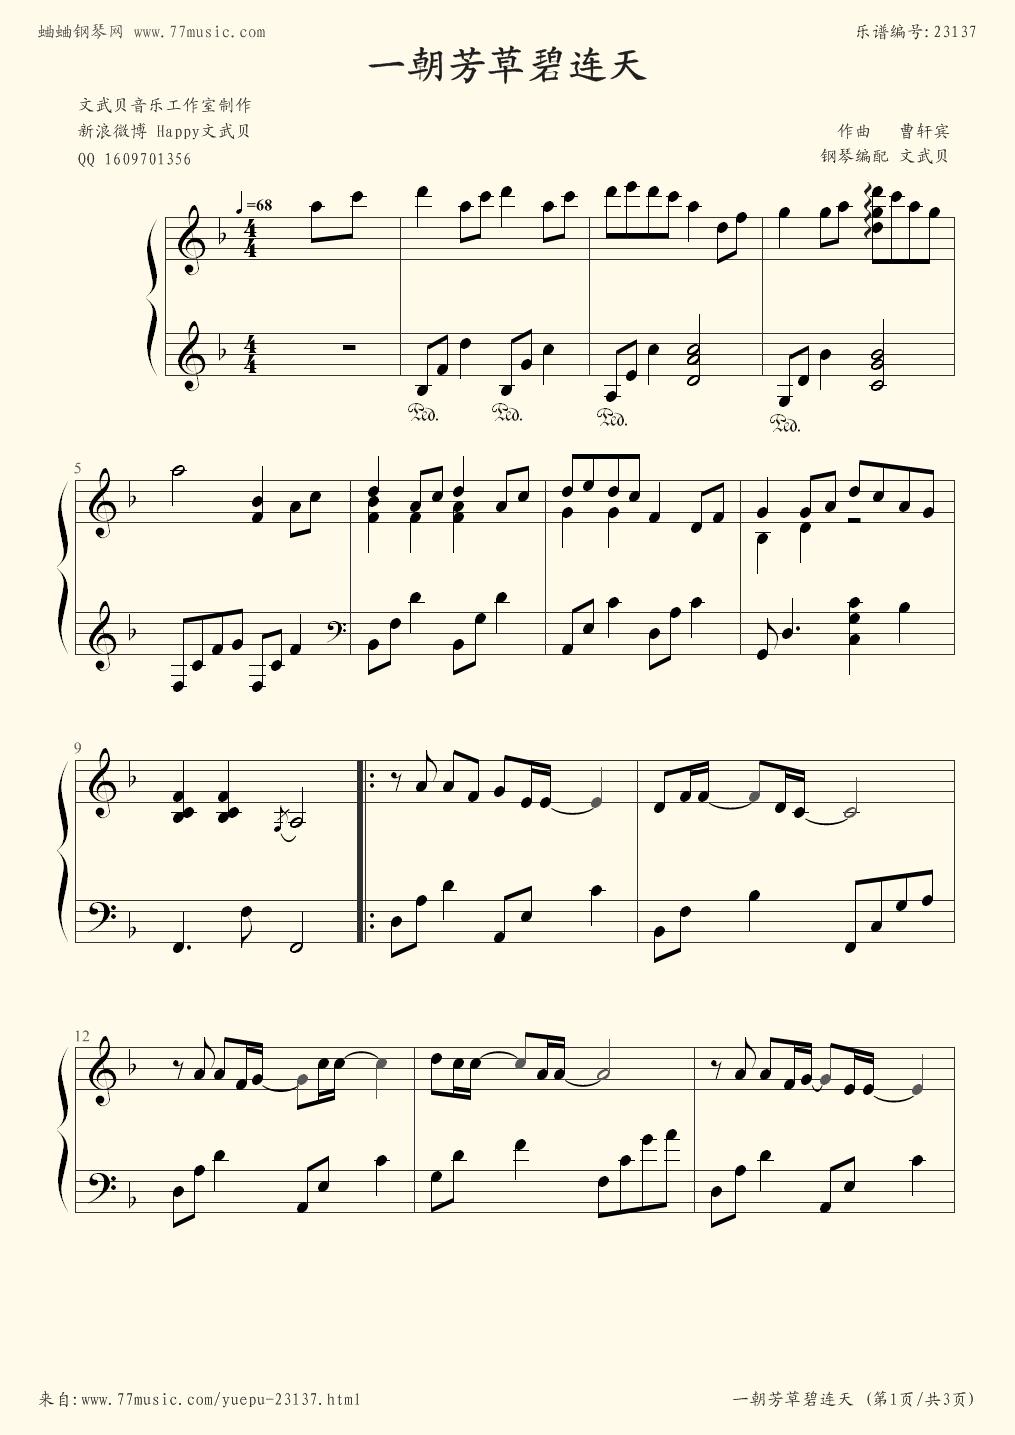 长亭外古道边钢琴简谱